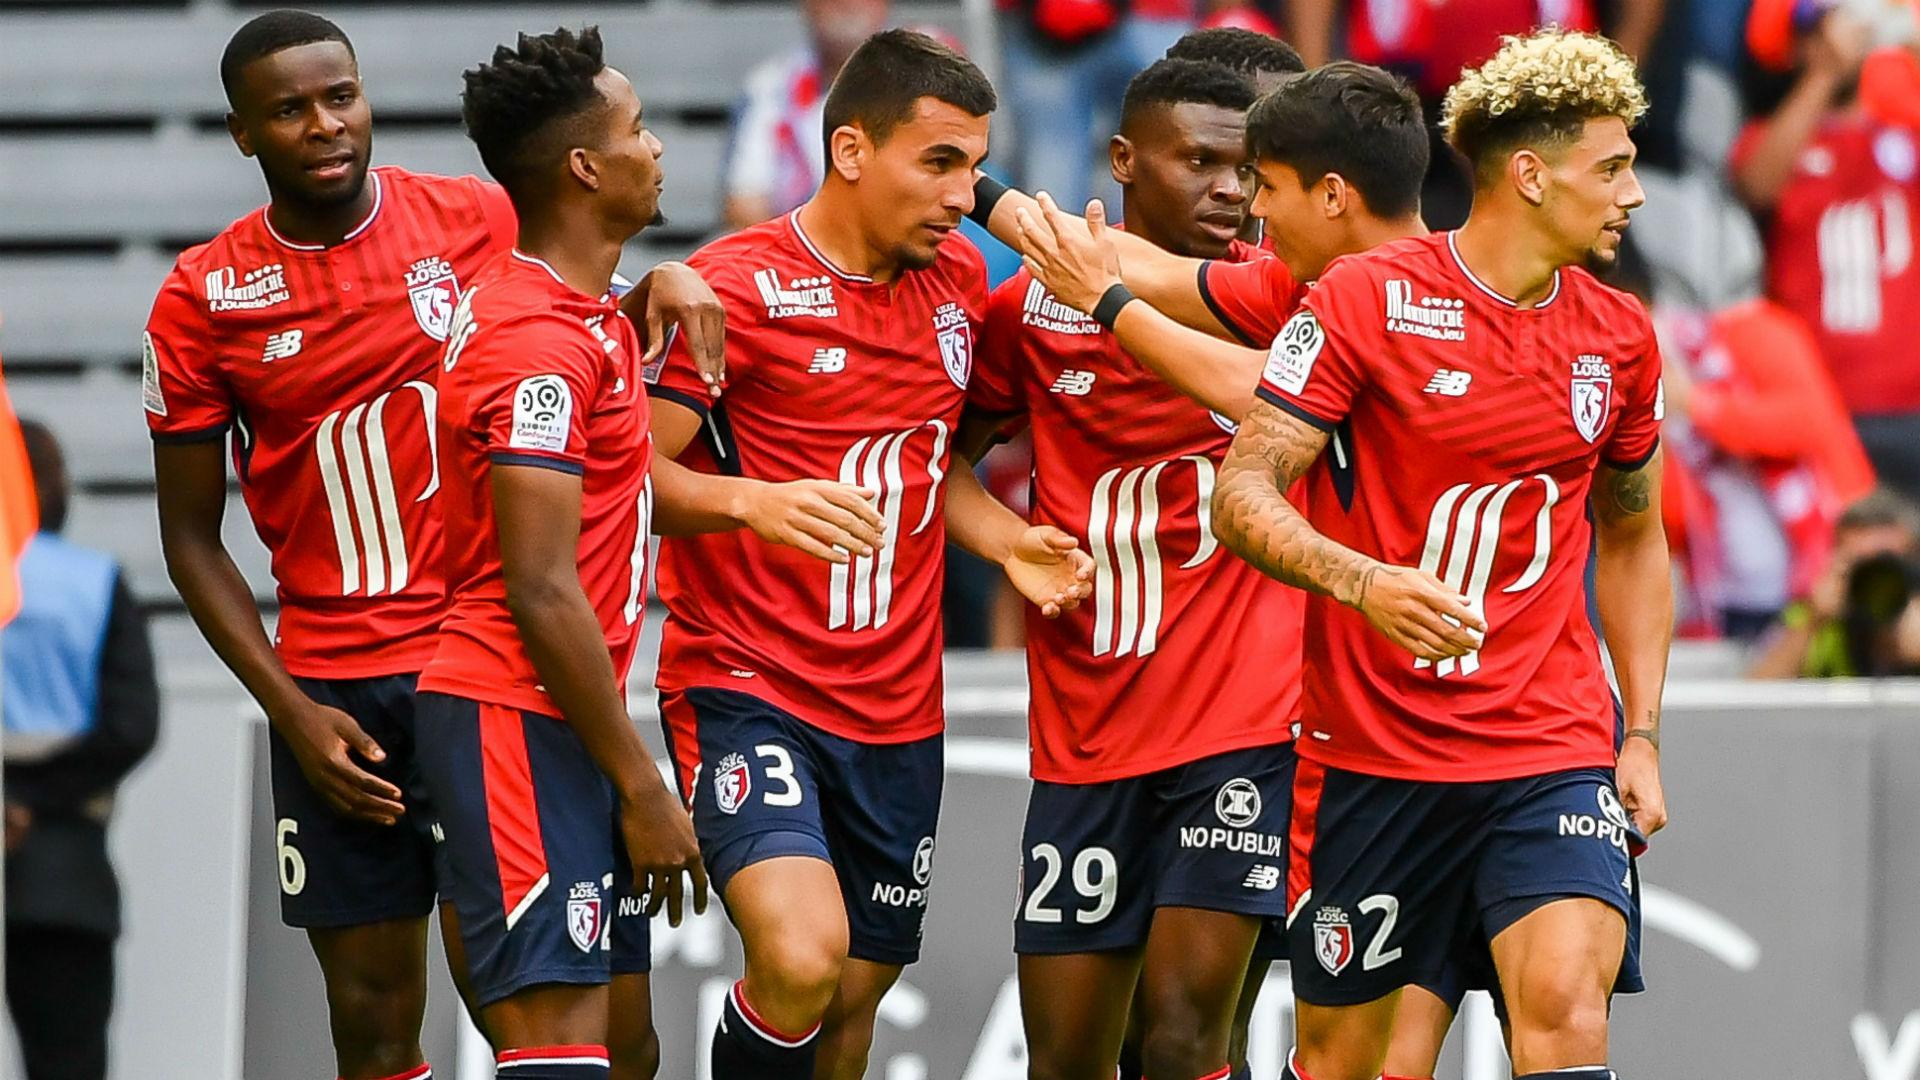 Il Lilla batte il Nantes 3-0: Ranieri cade all'esordio in Francia